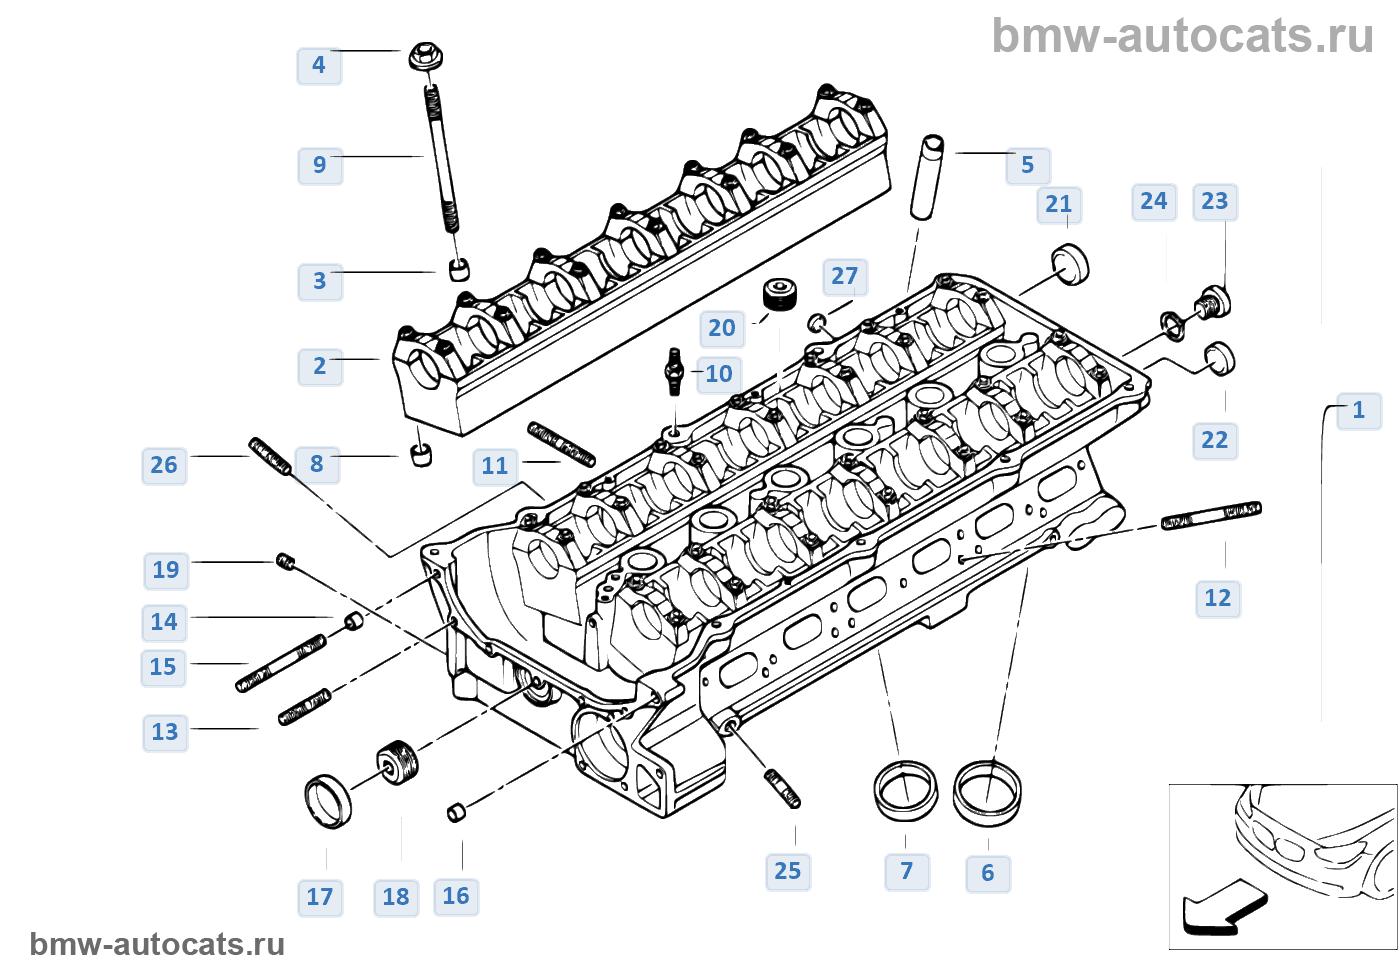 головка блока цилиндров на BMW e46